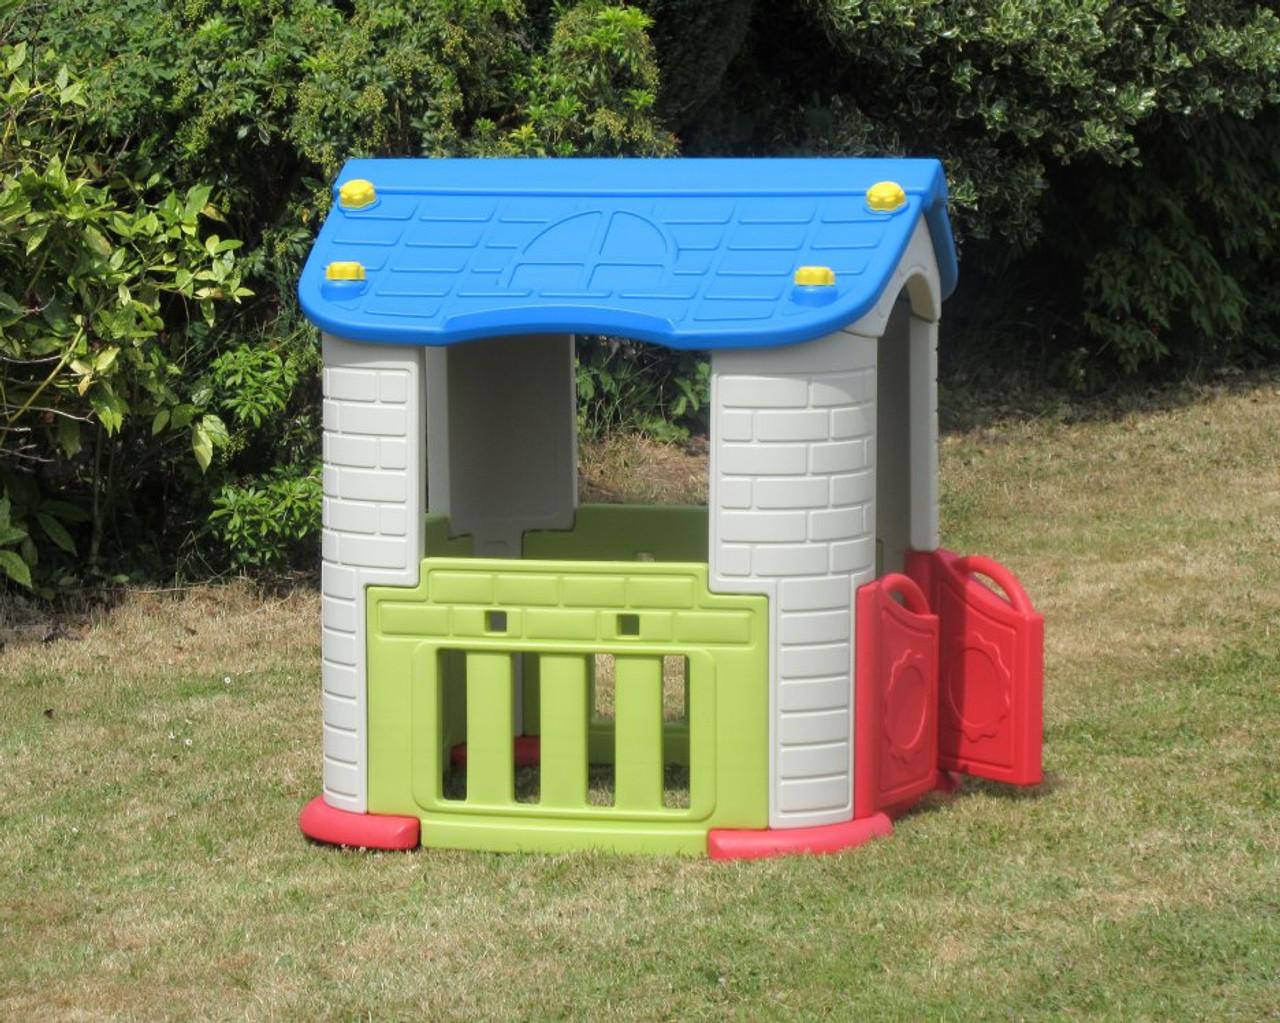 Toddler Play House, modular